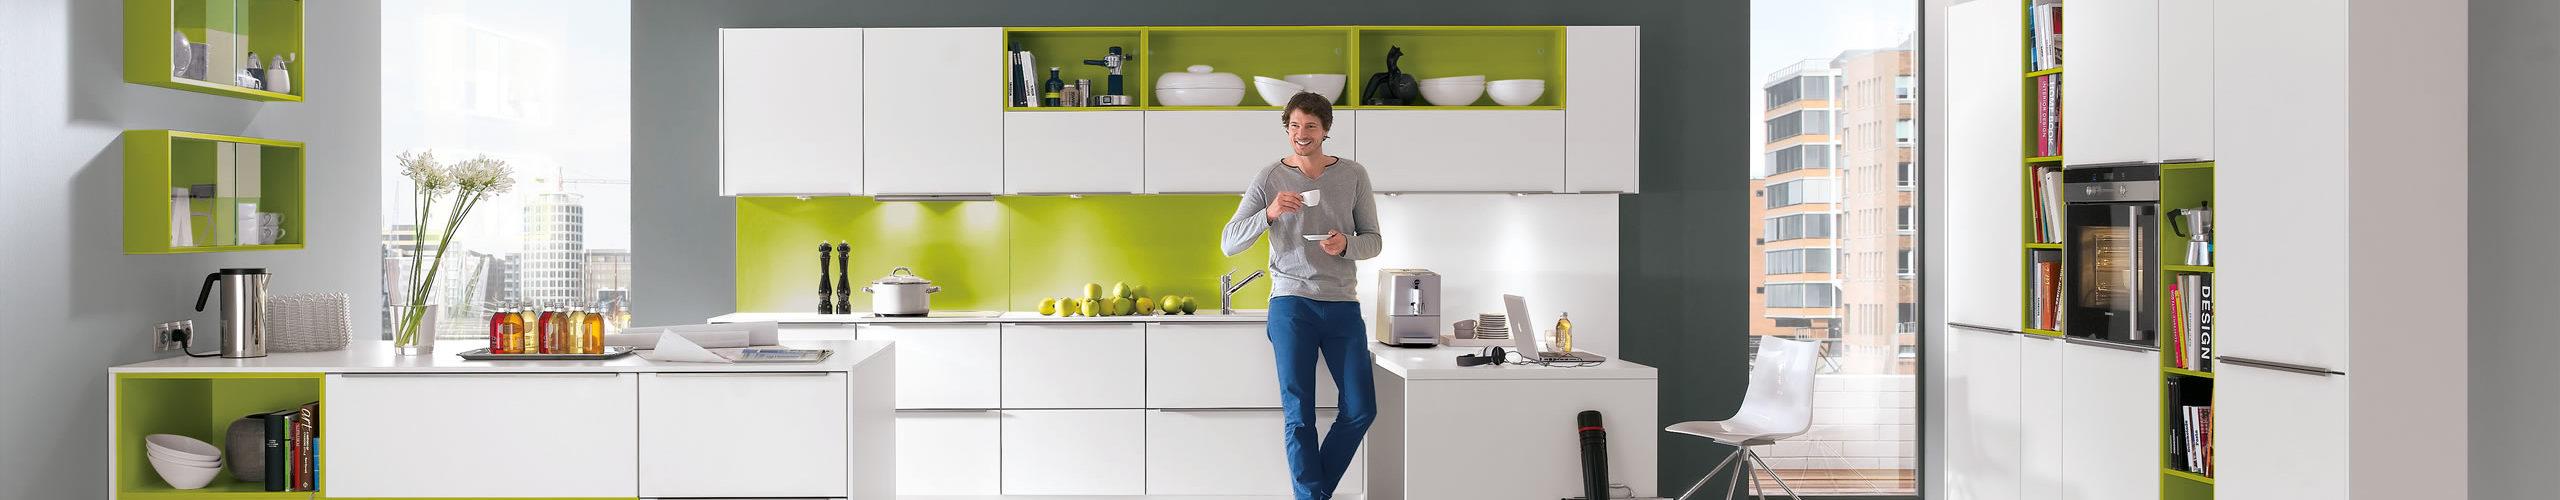 Cucine,Klive,corato,qualità,tedesca,design,italiano ...